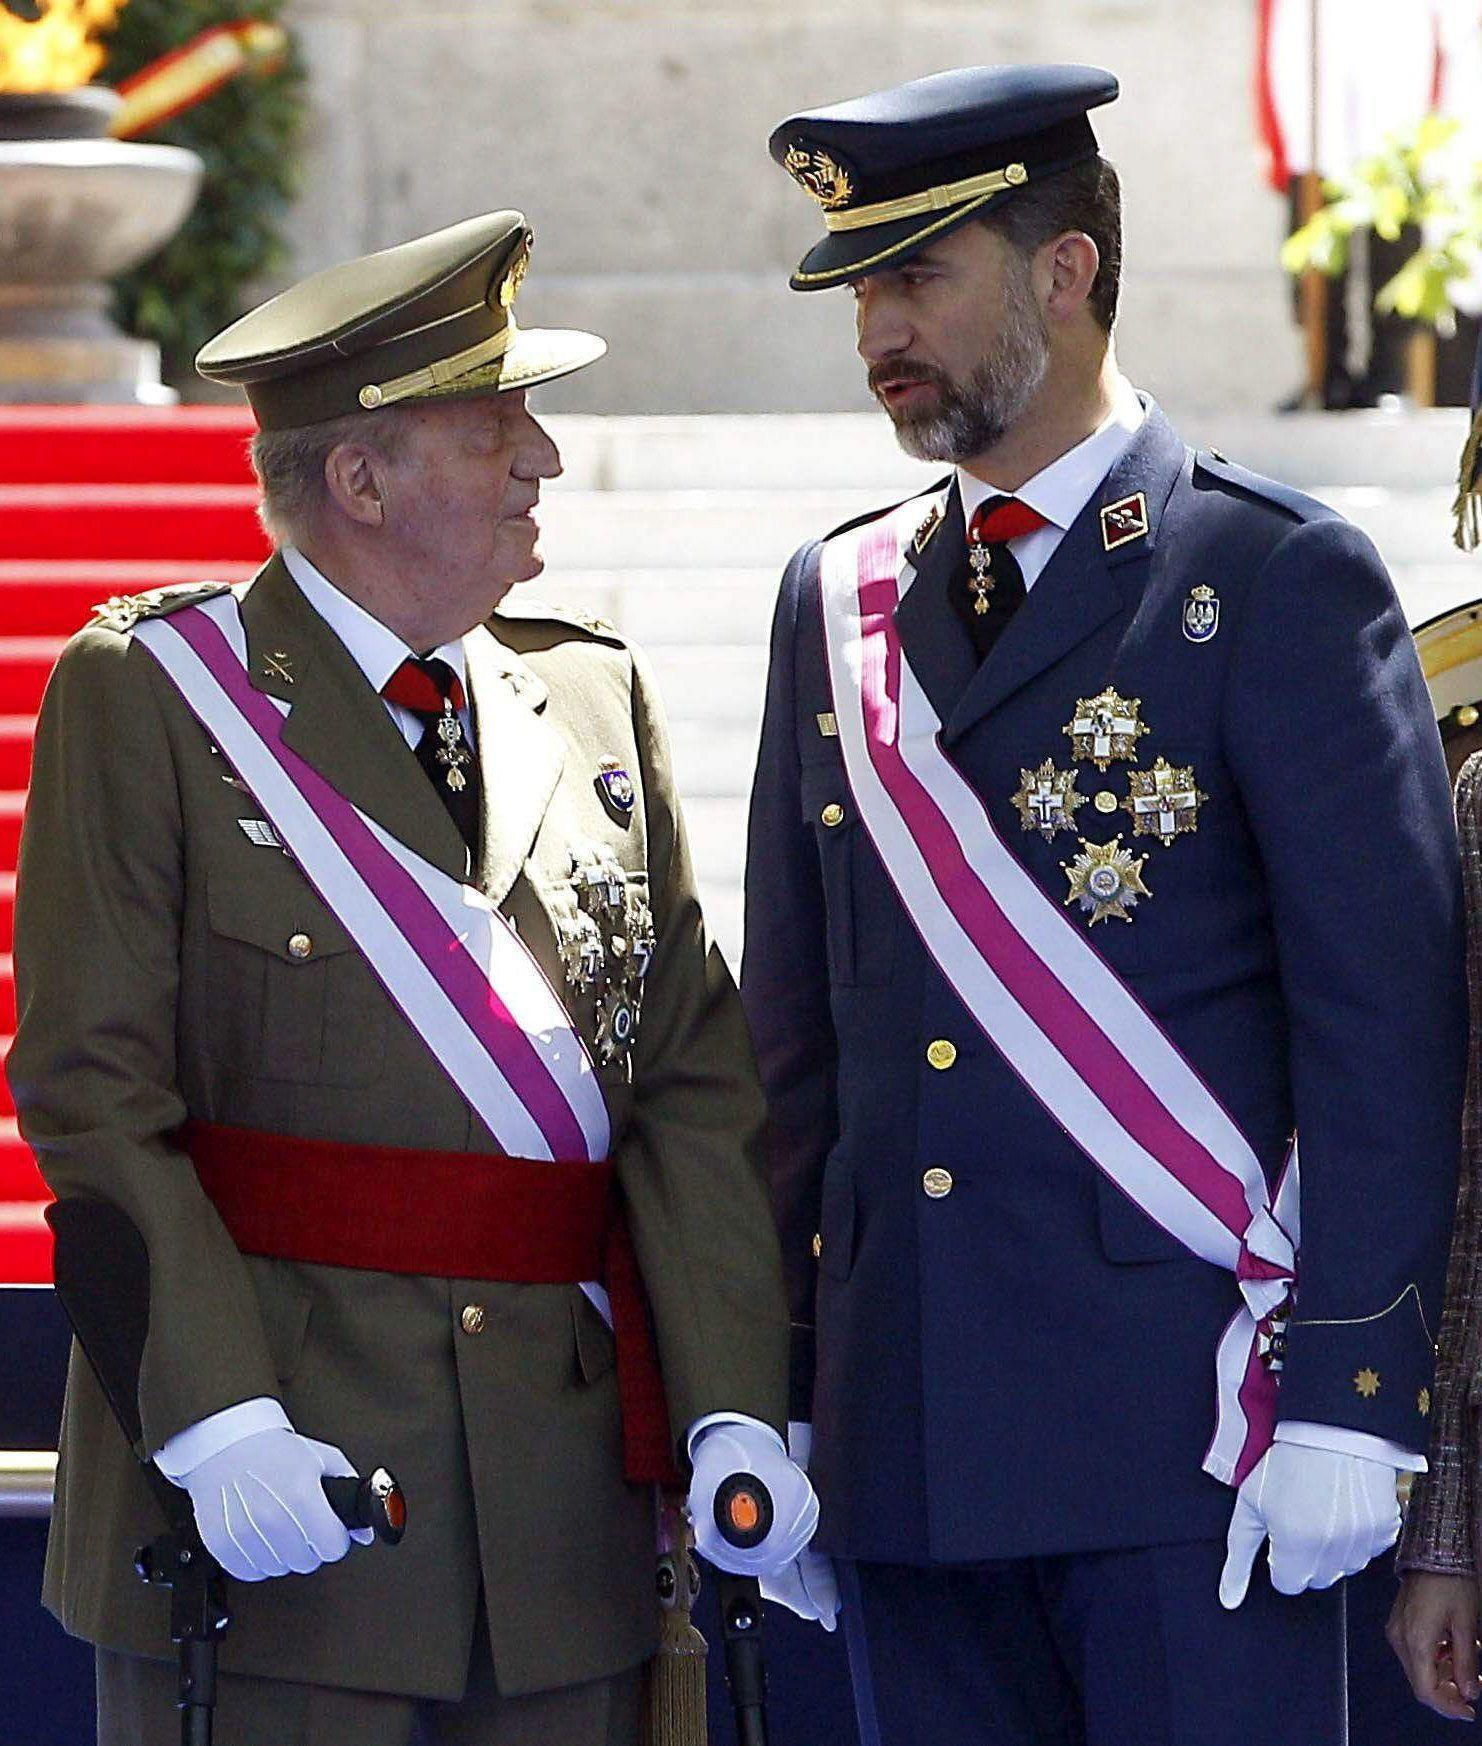 La coronación de Felipe VI se realizaría el 18 de junio